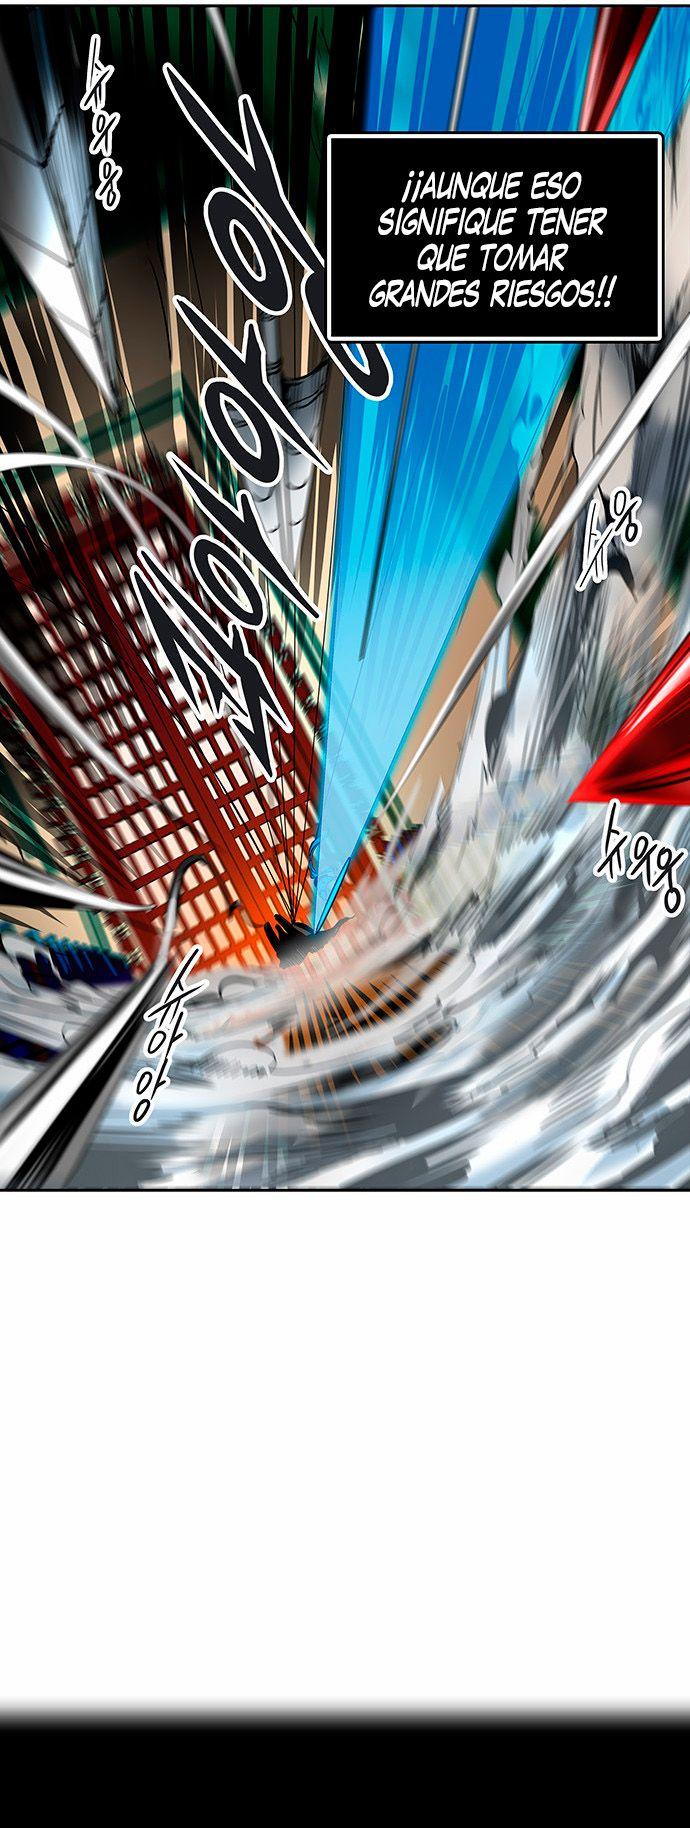 http://c5.ninemanga.com/es_manga/pic2/21/149/510638/2131f8ecf18db66a758f718dc729e00e.jpg Page 5